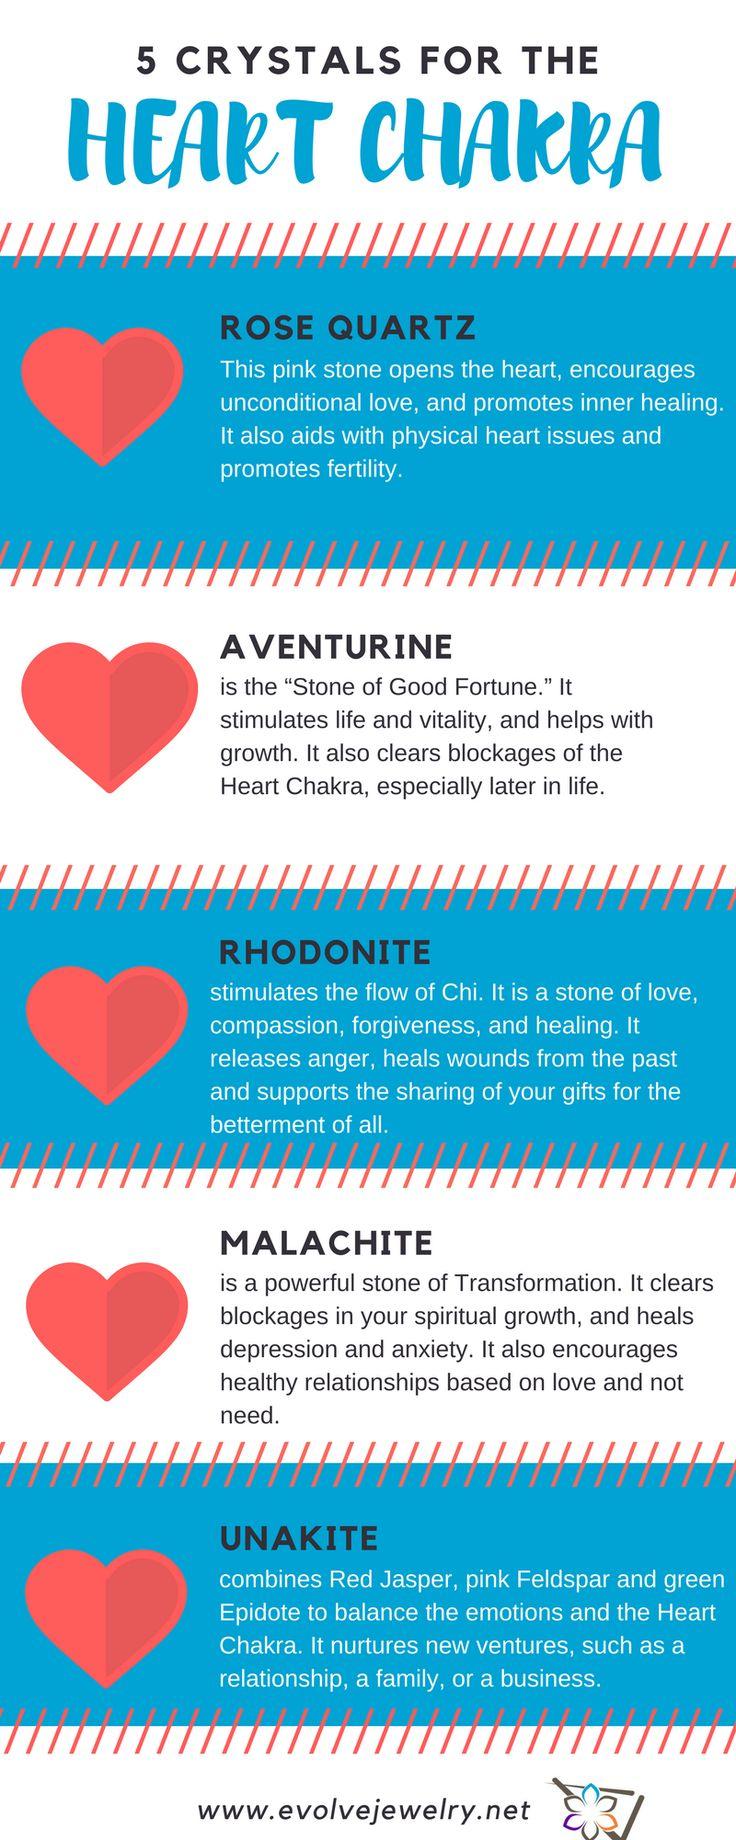 Heart Chakra crystals...rose quartz, aventurine, rhodonite, malachite, and unakite. Pin and share!!!